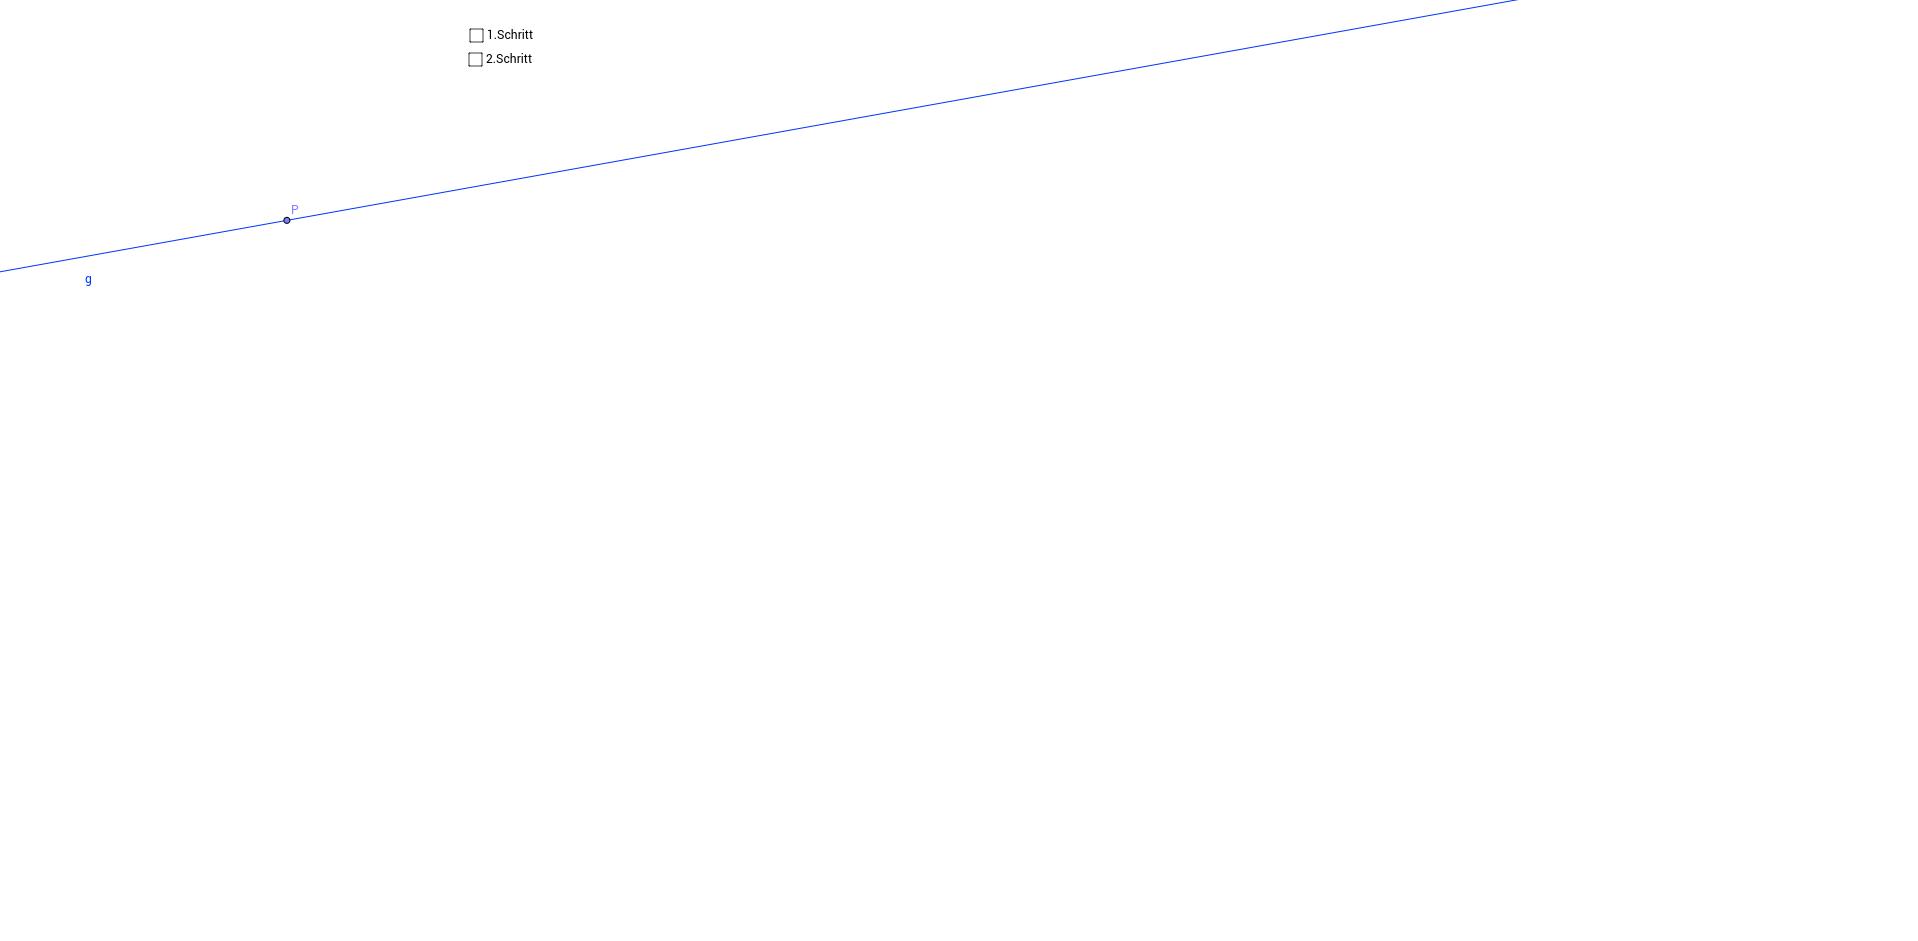 Senkrechte auf eine Gerade durch einen Punkt konstruieren II